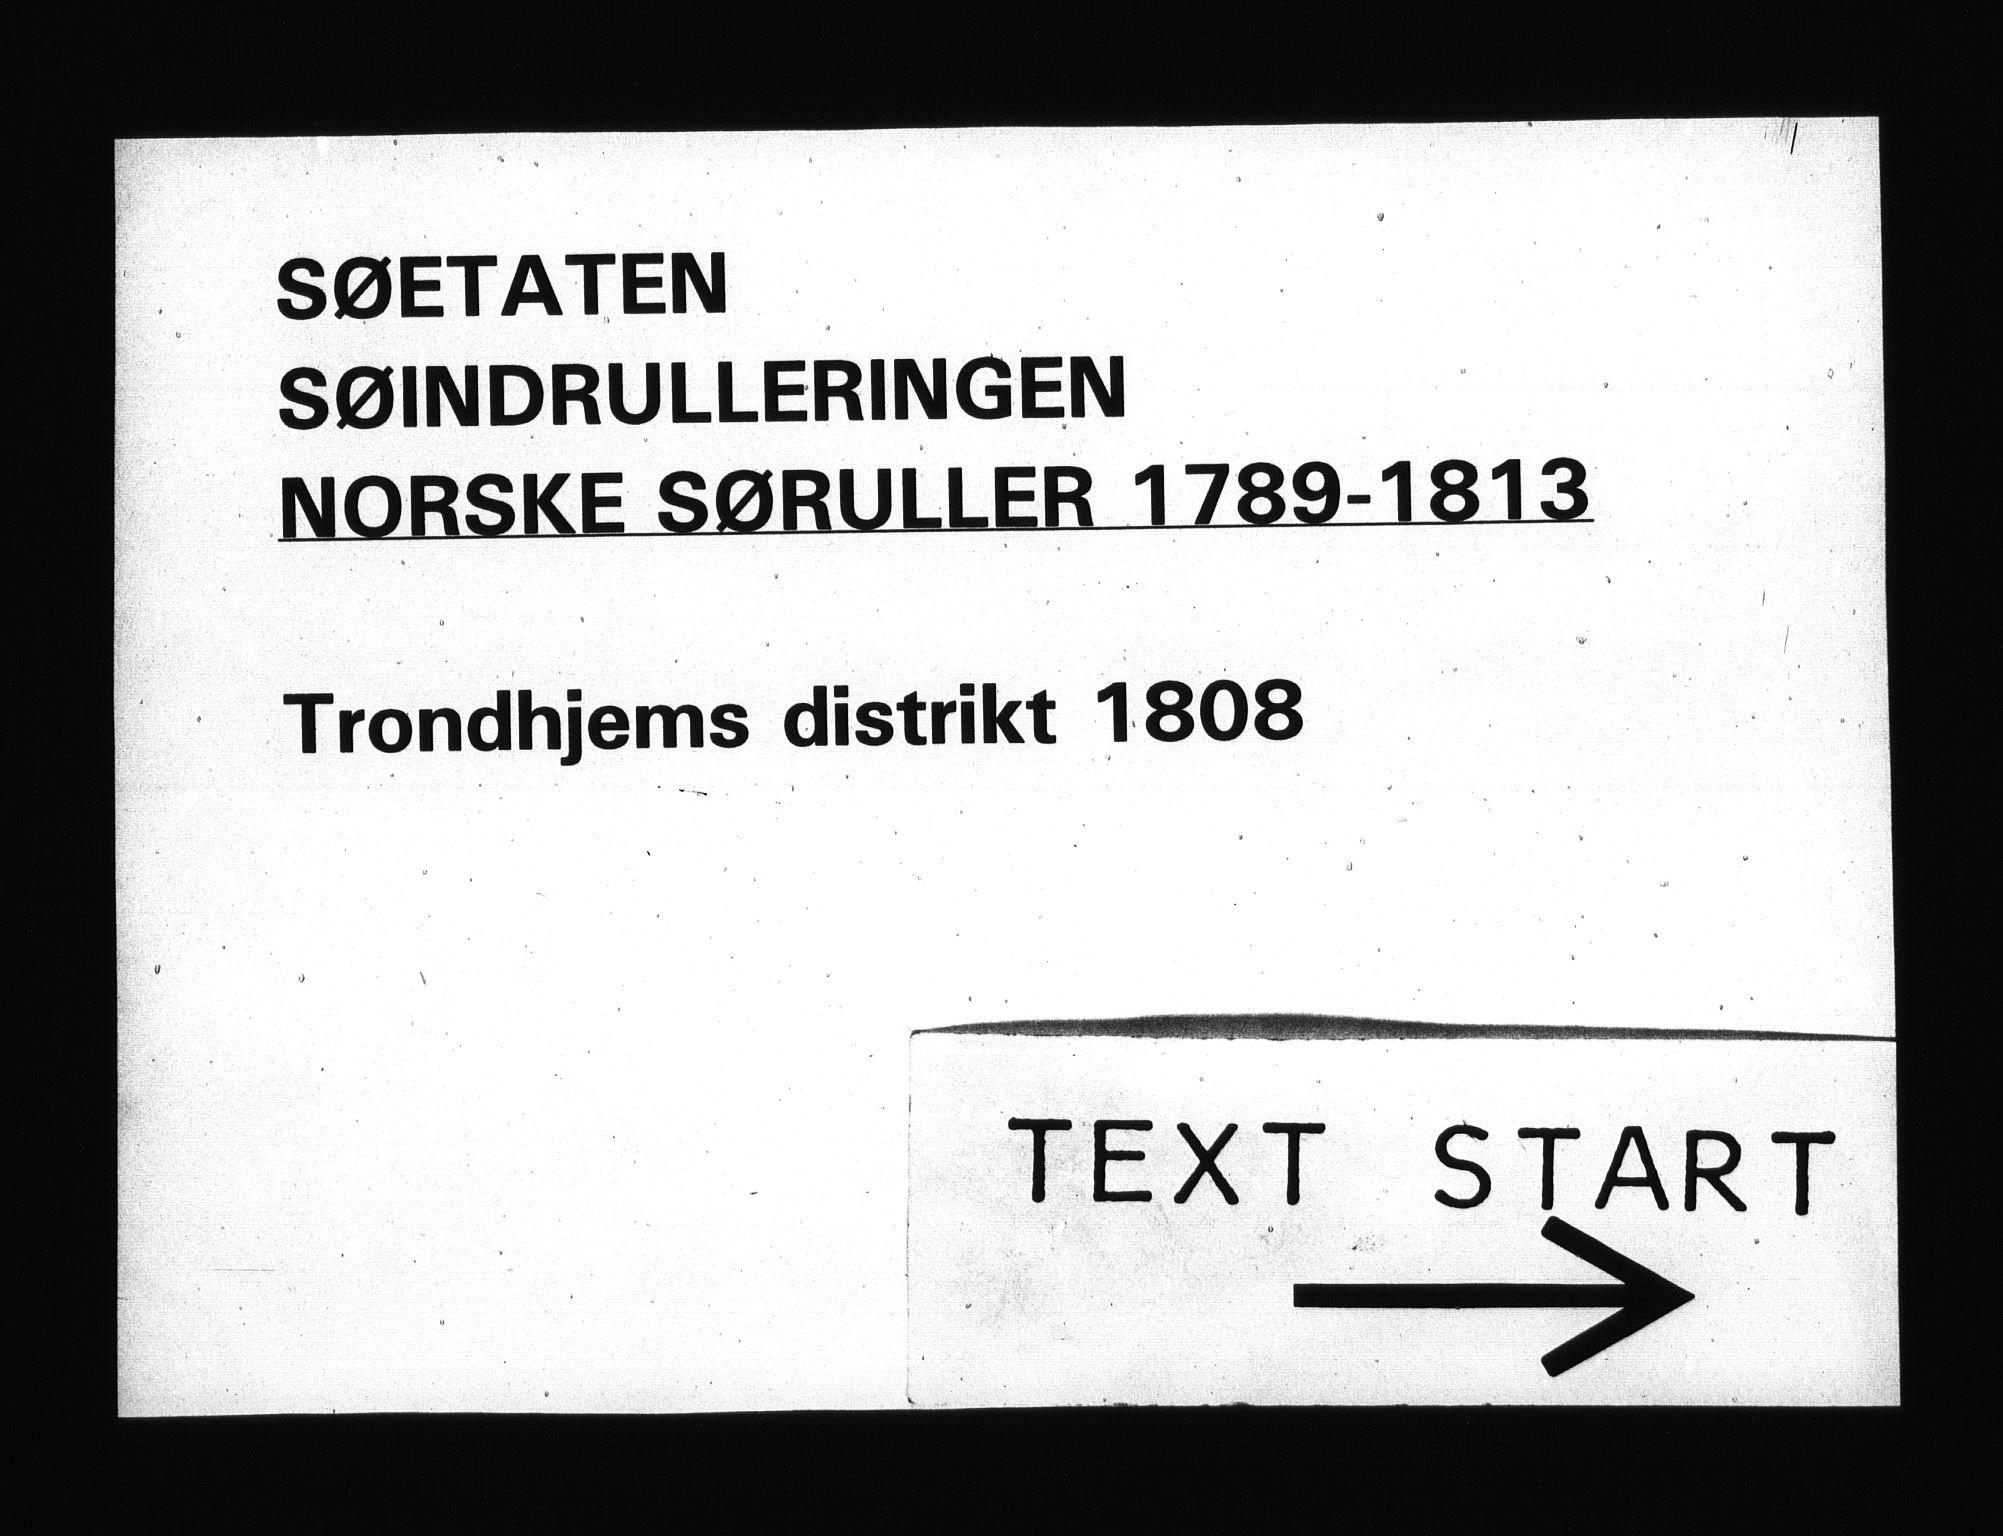 RA, Sjøetaten, F/L0335: Trondheim distrikt, bind 1, 1808